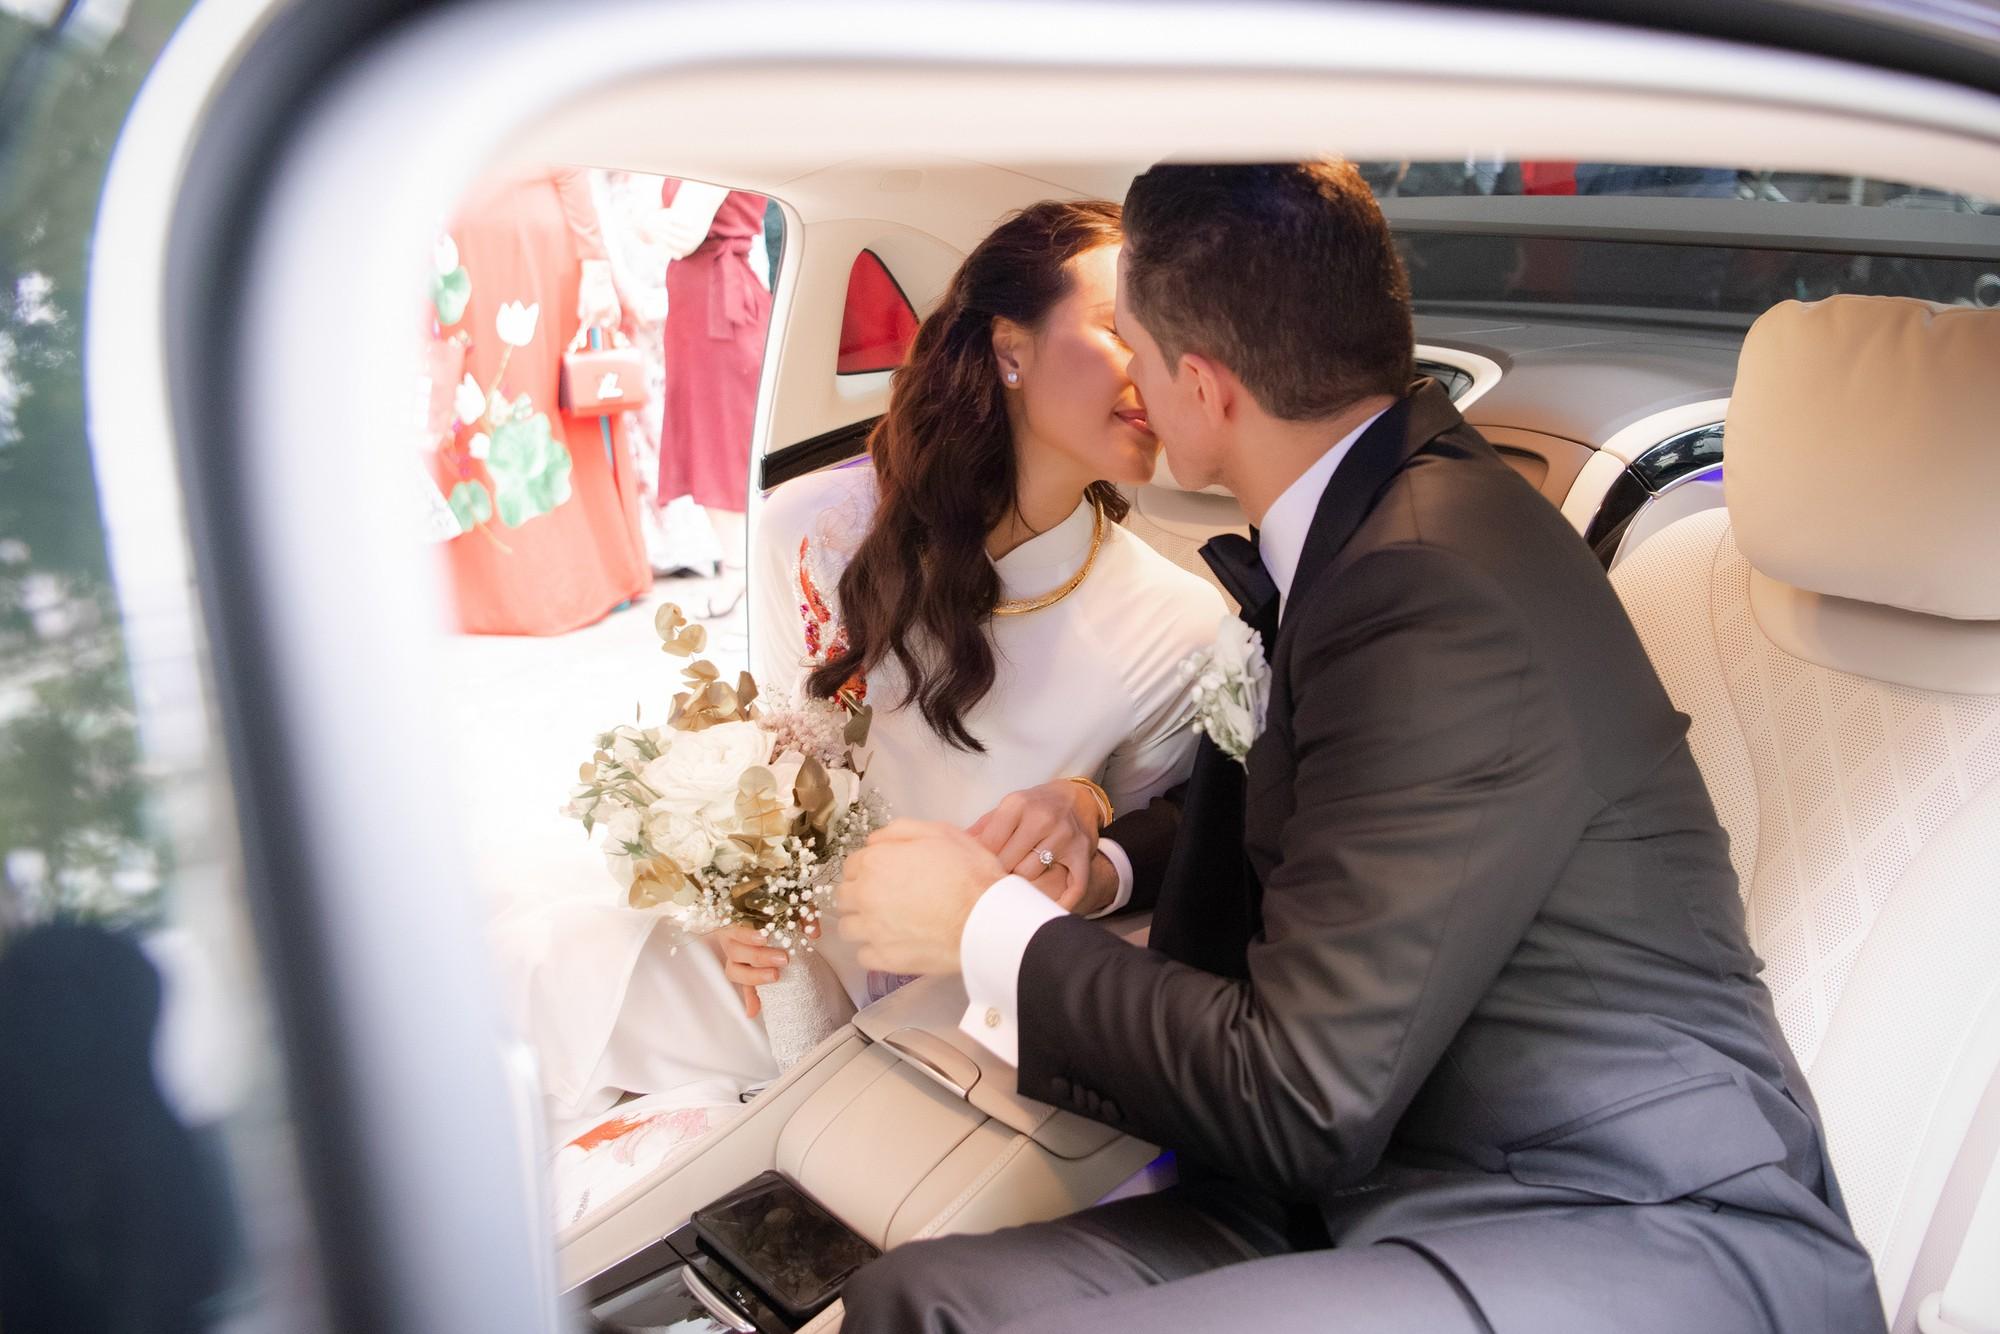 Toàn cảnh lễ đón dâu tại nhà phố cổ của siêu mẫu Phương Mai: Chú rể xuất hiện cùng đoàn xe sang, cô dâu òa khóc ôm chặt mẹ ruột-12